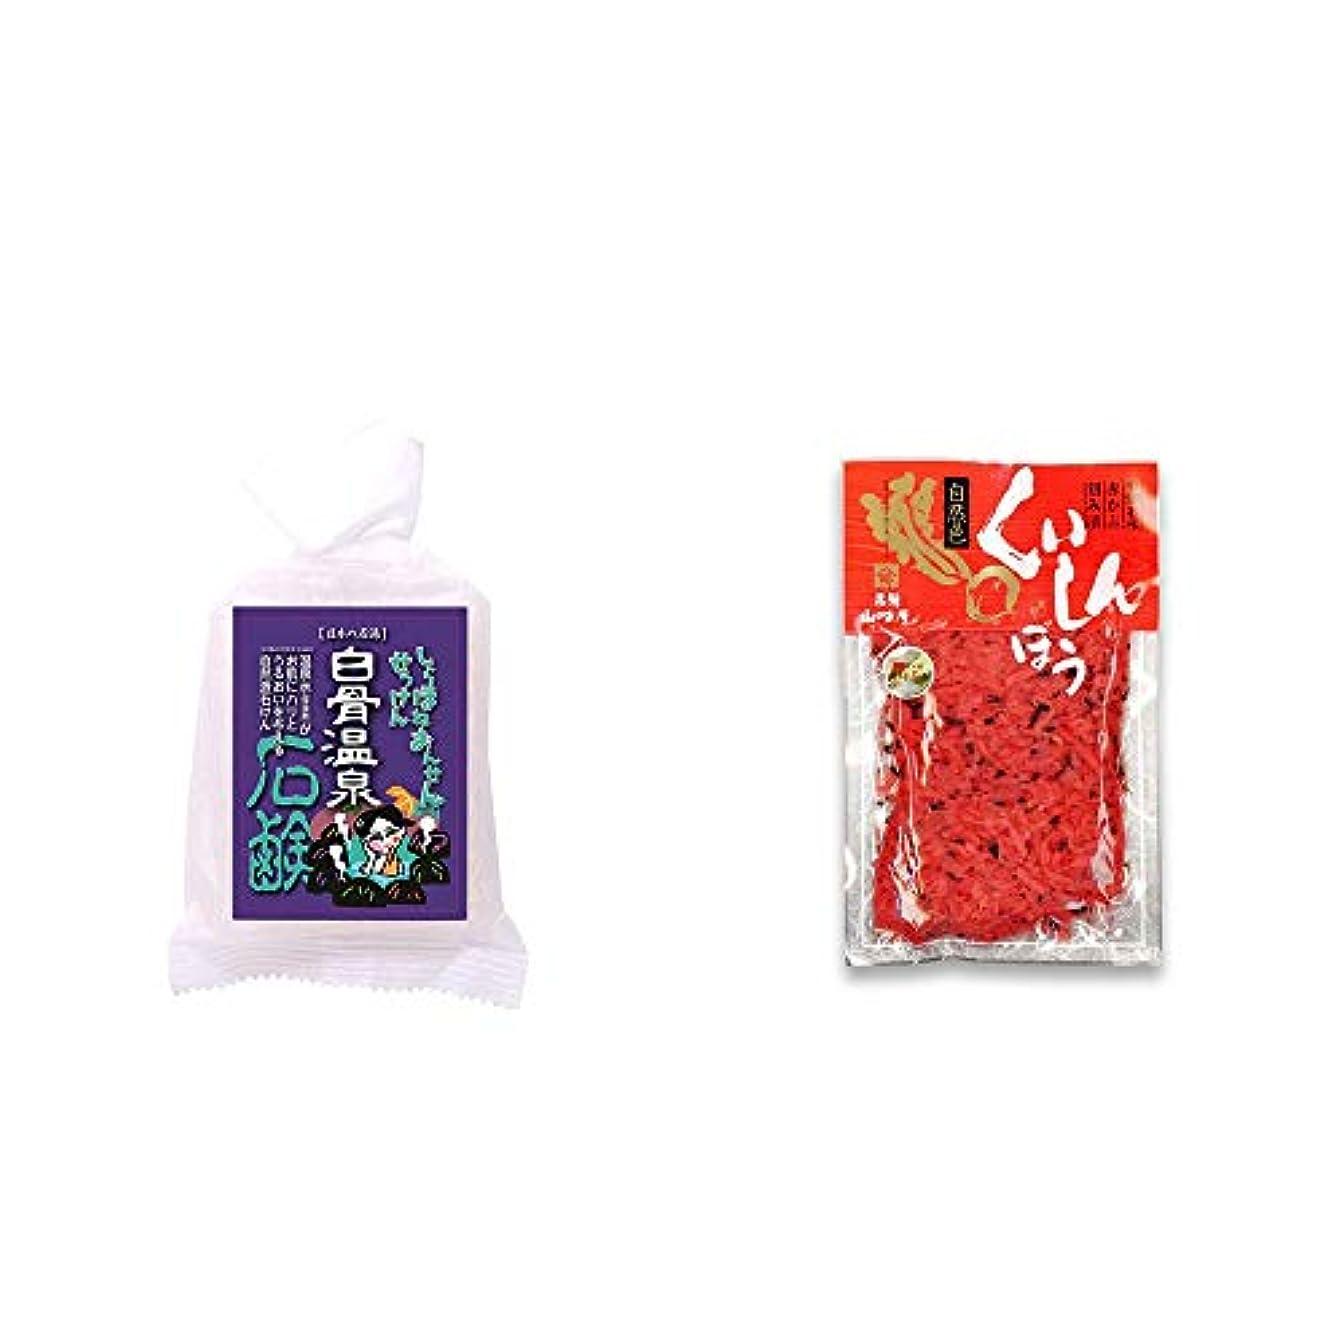 出費品揃えコンデンサー[2点セット] 信州 白骨温泉石鹸(80g)?飛騨山味屋 くいしんぼう【小】 (160g)